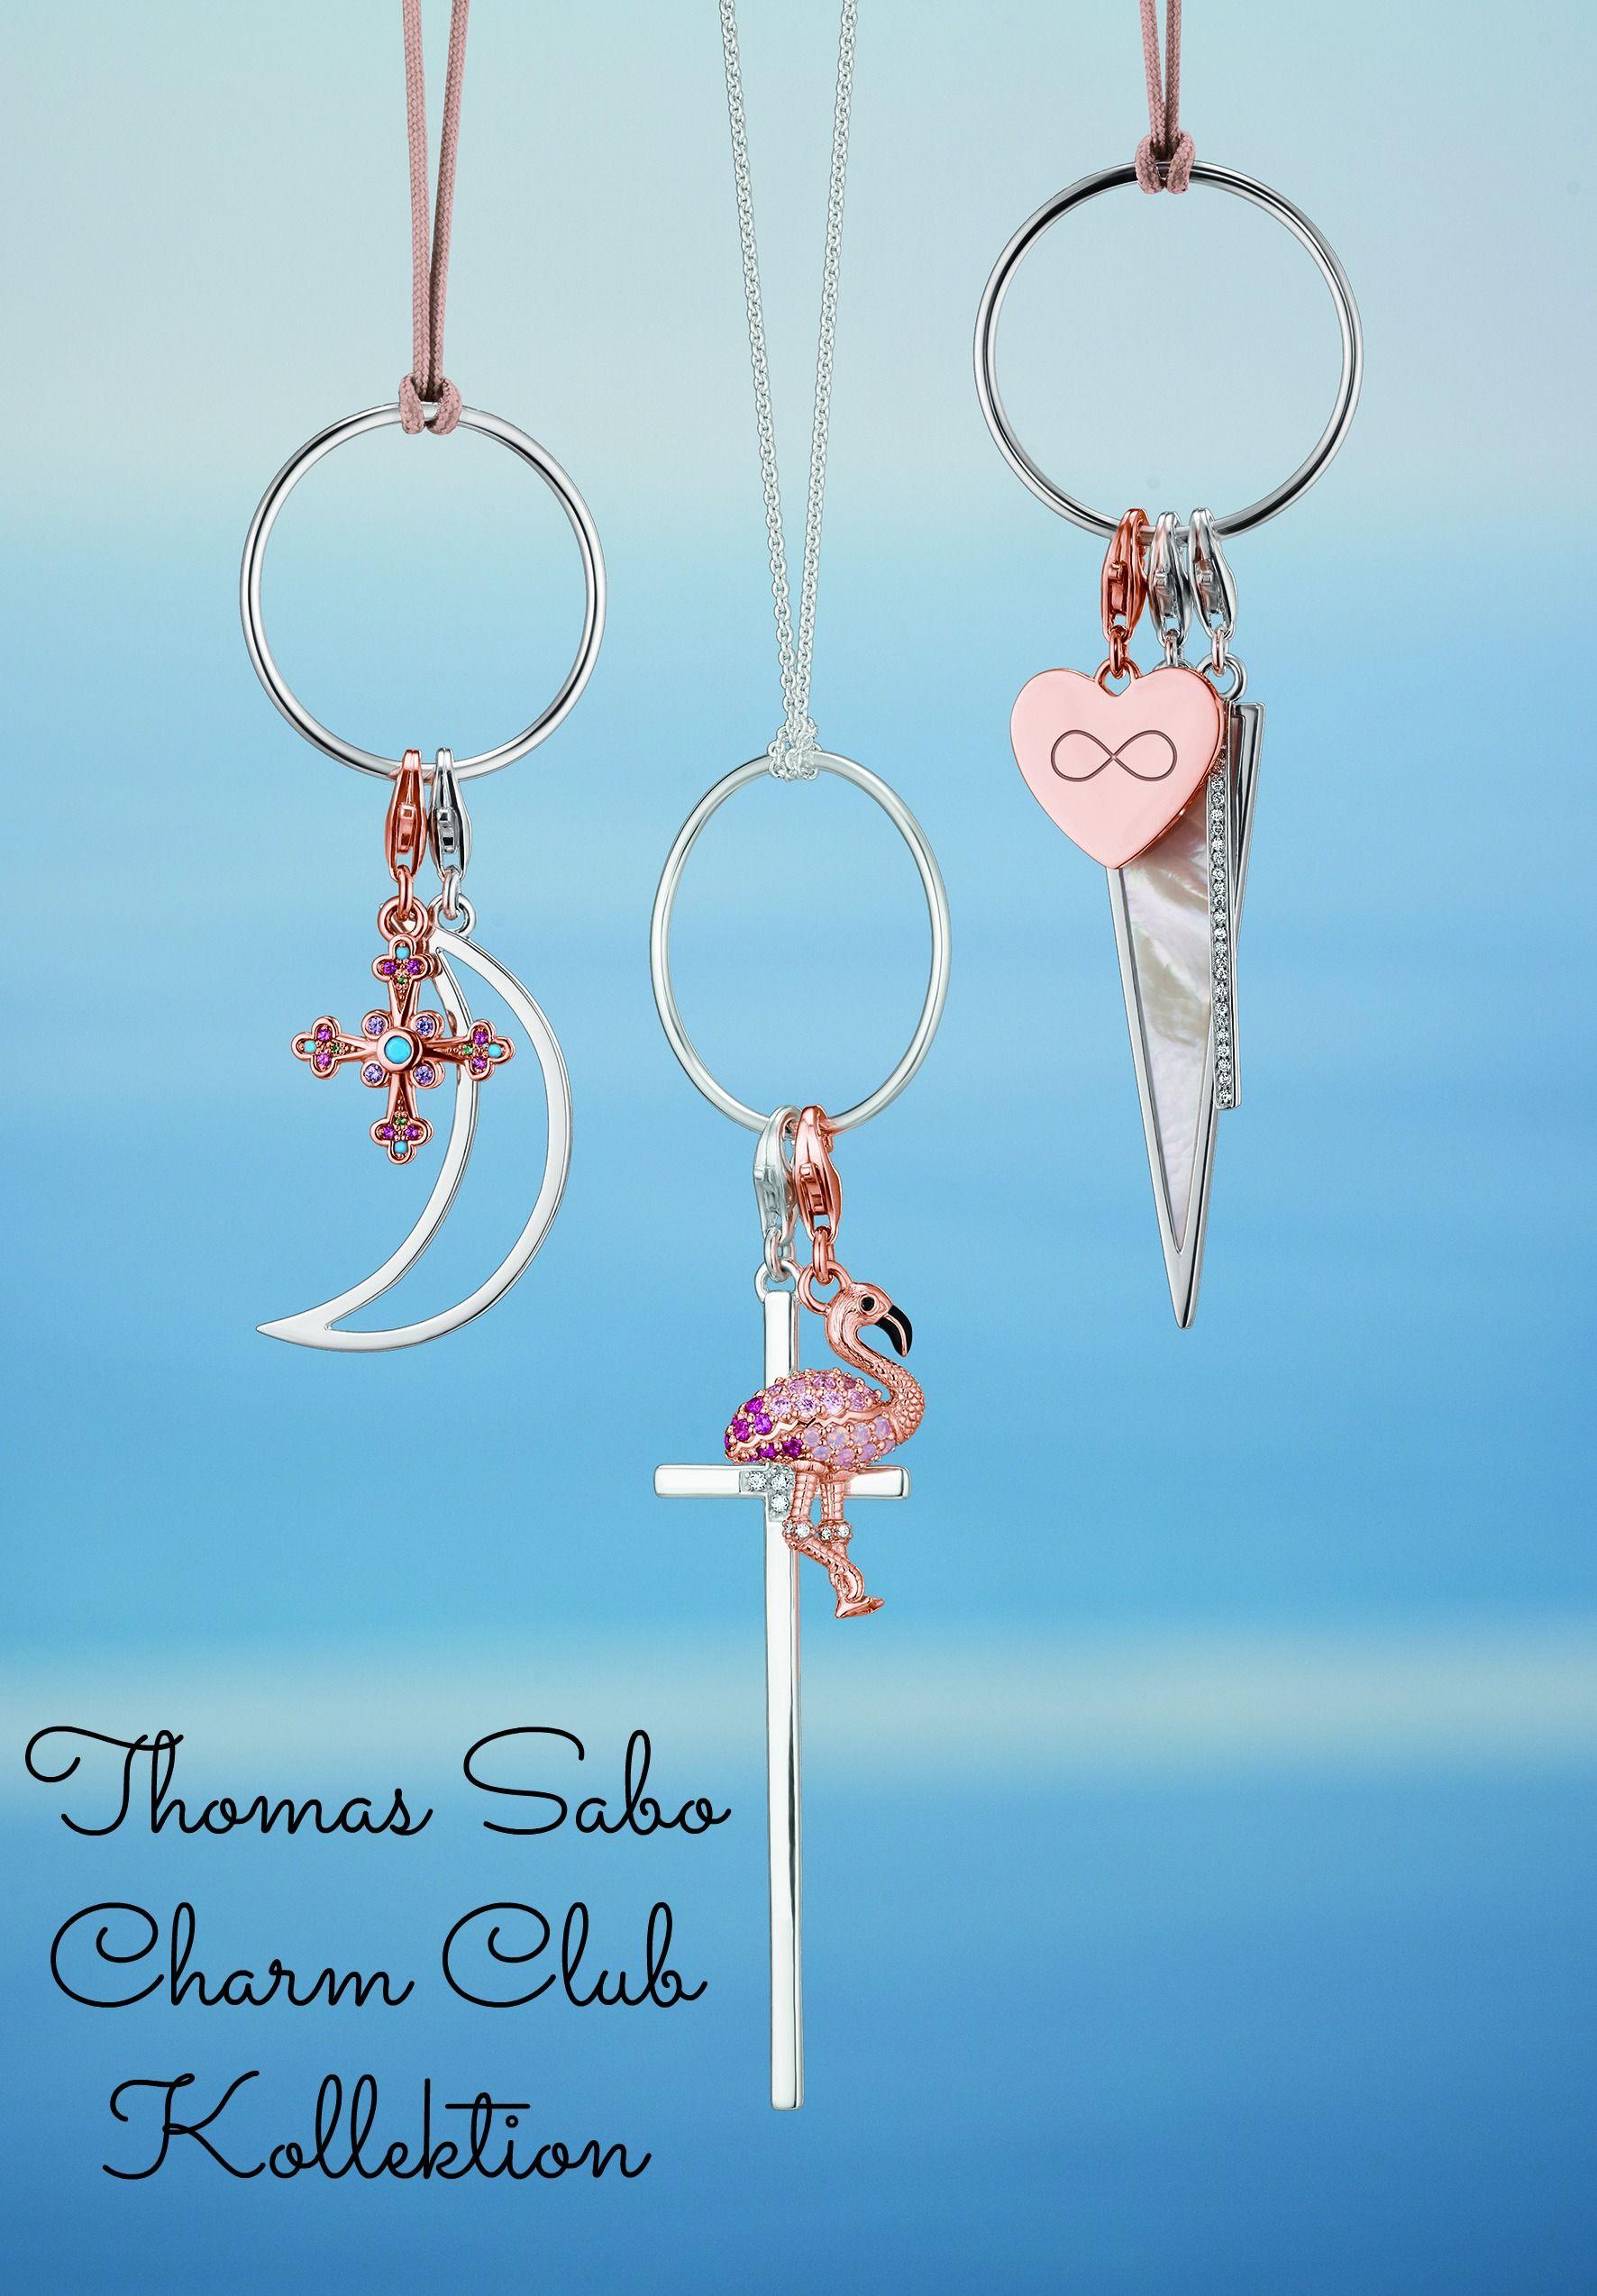 Thomas Sabo Richtet Design Und Look Der Charm Club Kollektion Neu Aus Mit Bildern Thomas Sabo Thomas Sabo Charm Kette Thomas Sabo Charms